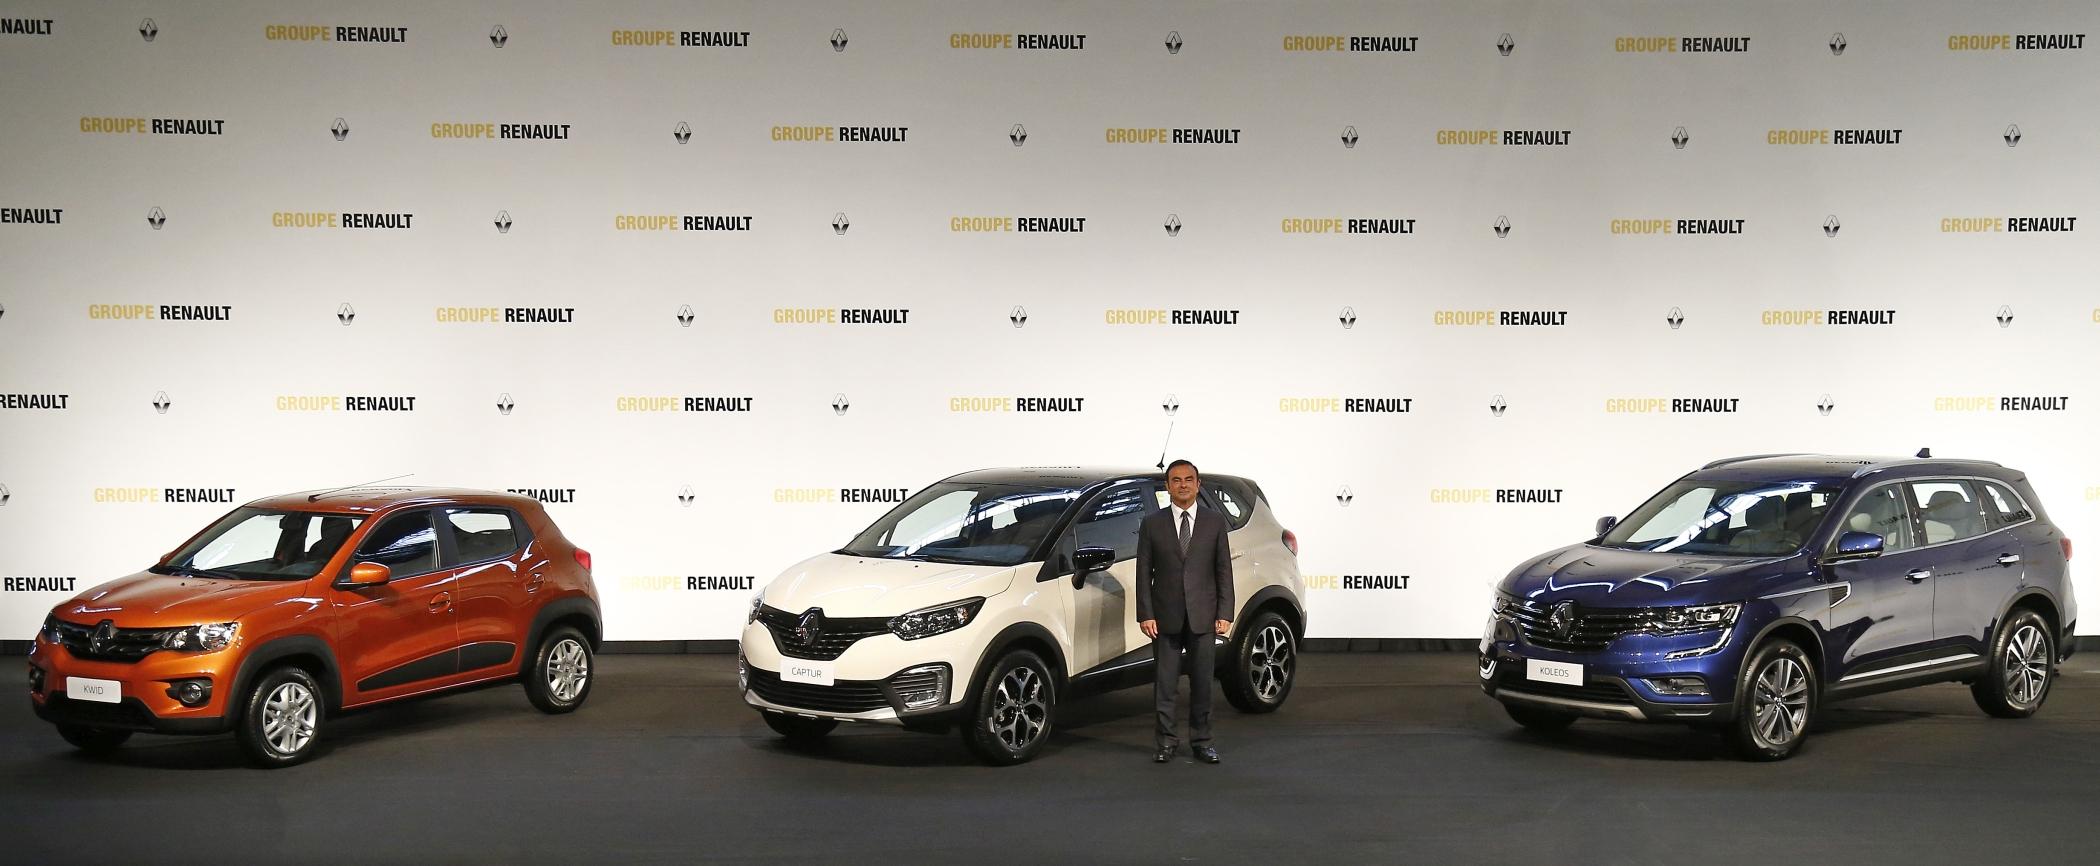 Ex-presidente da aliança Renault-Nissan, brasileiro Carlos Ghosn foi formalmente indiciado por fraude fiscal em processo que implica a Nissan.